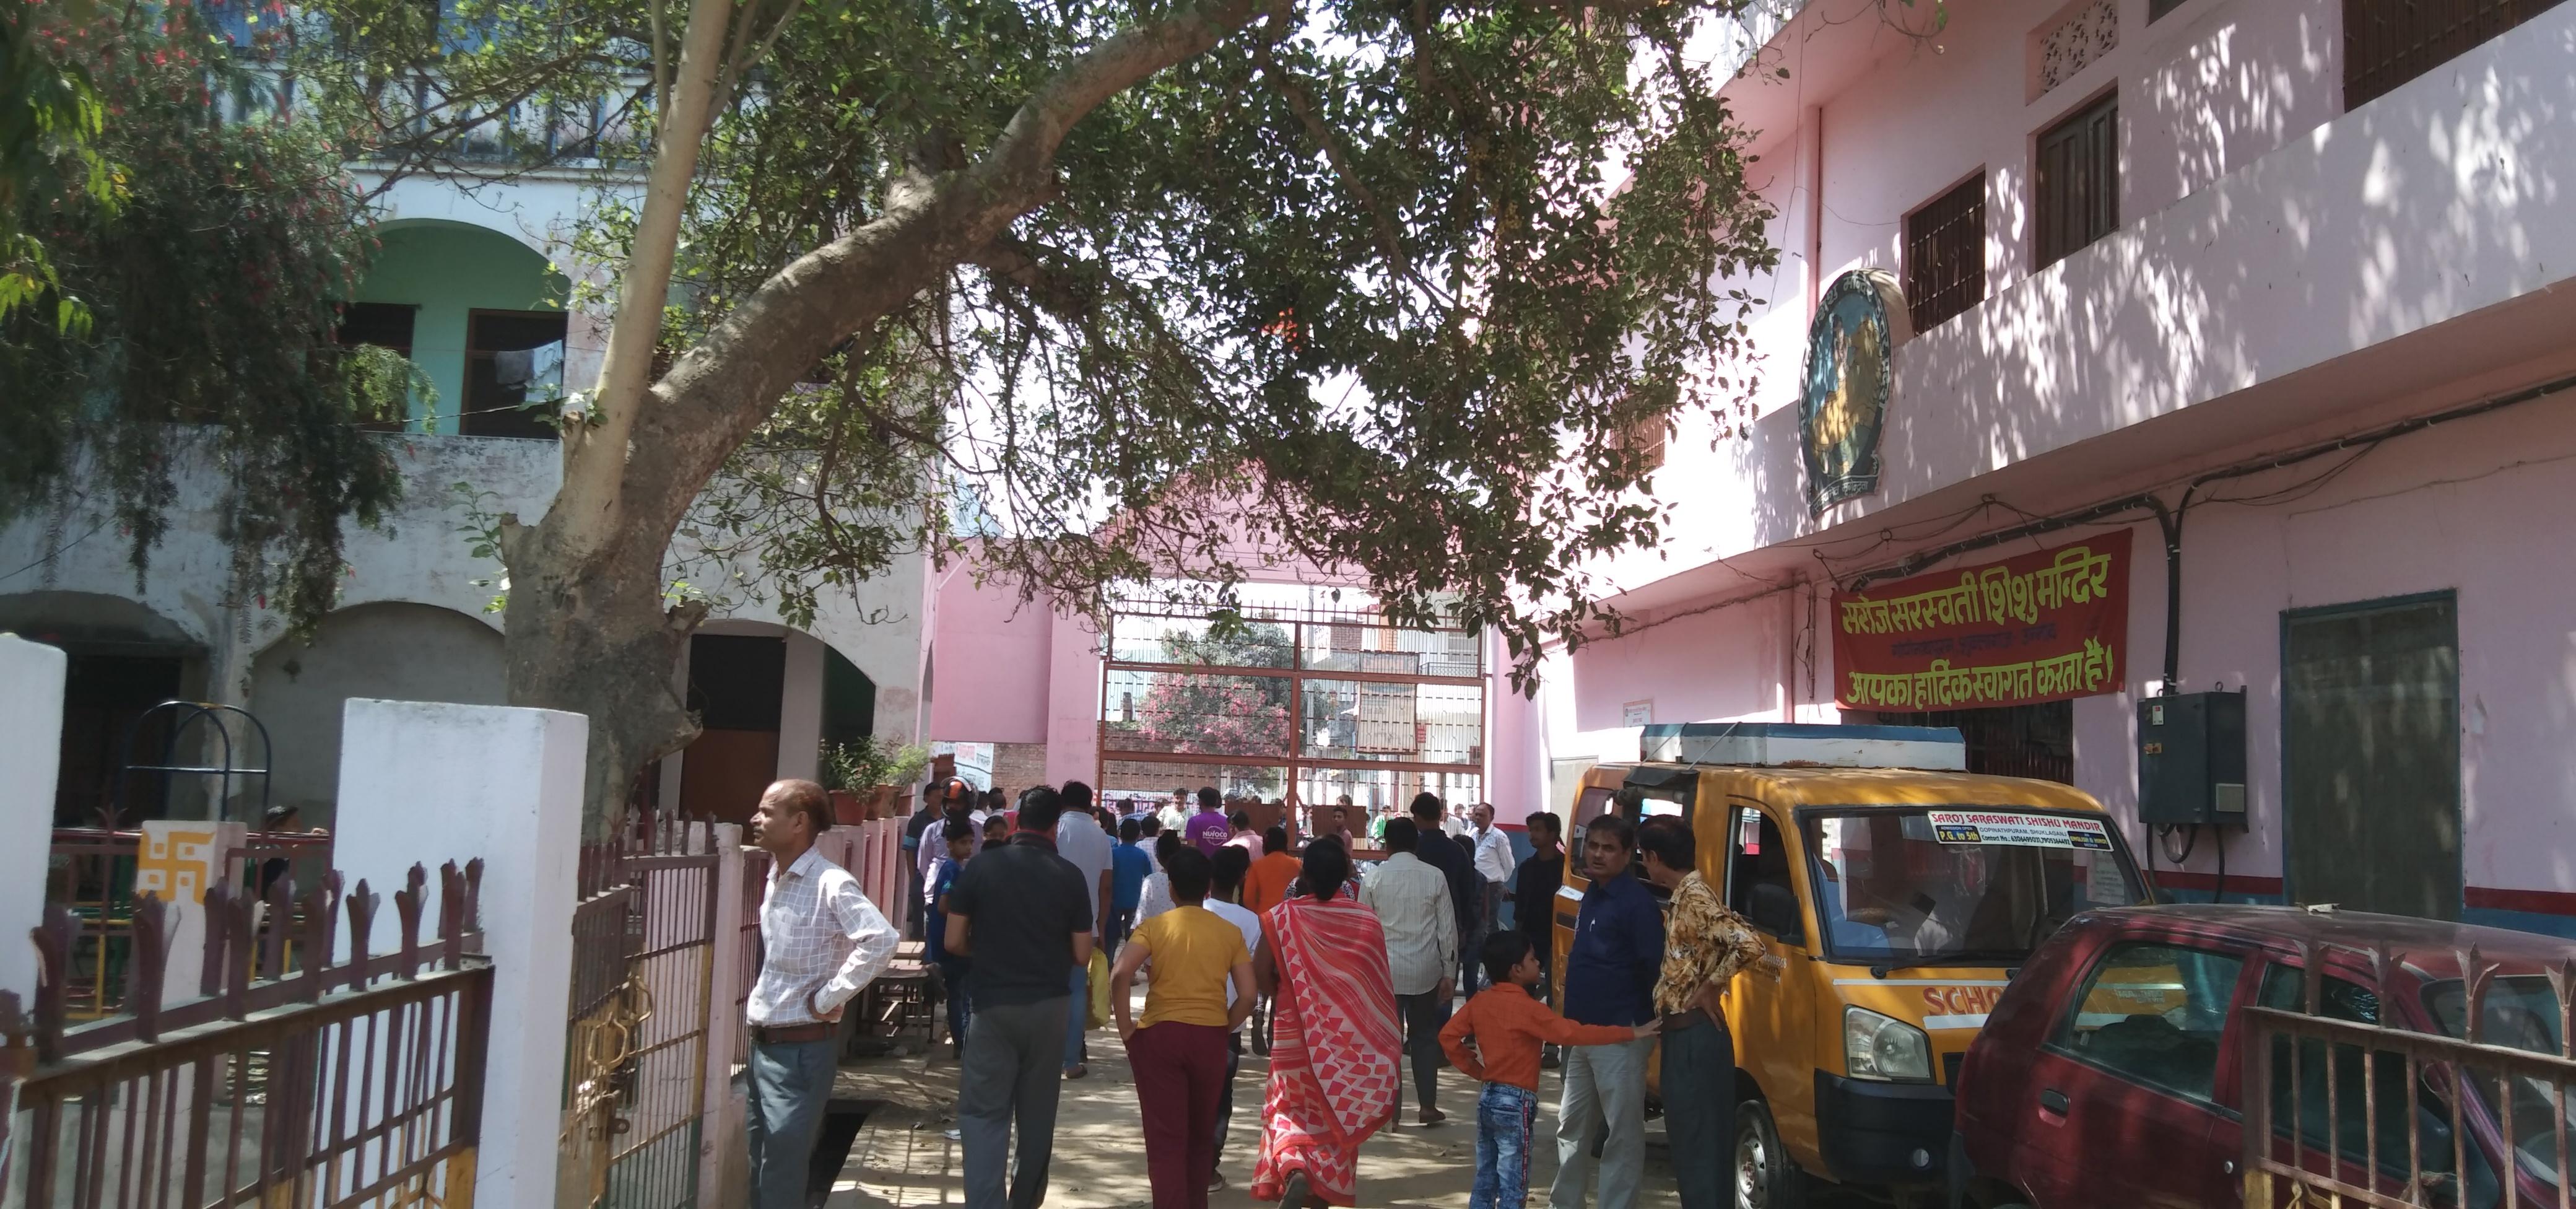 उन्नाव : स.वि.म.इ.का. गोपिनाथपुरम शुक्लागंज में संम्पन्न हुई प्रवेश परीक्षा